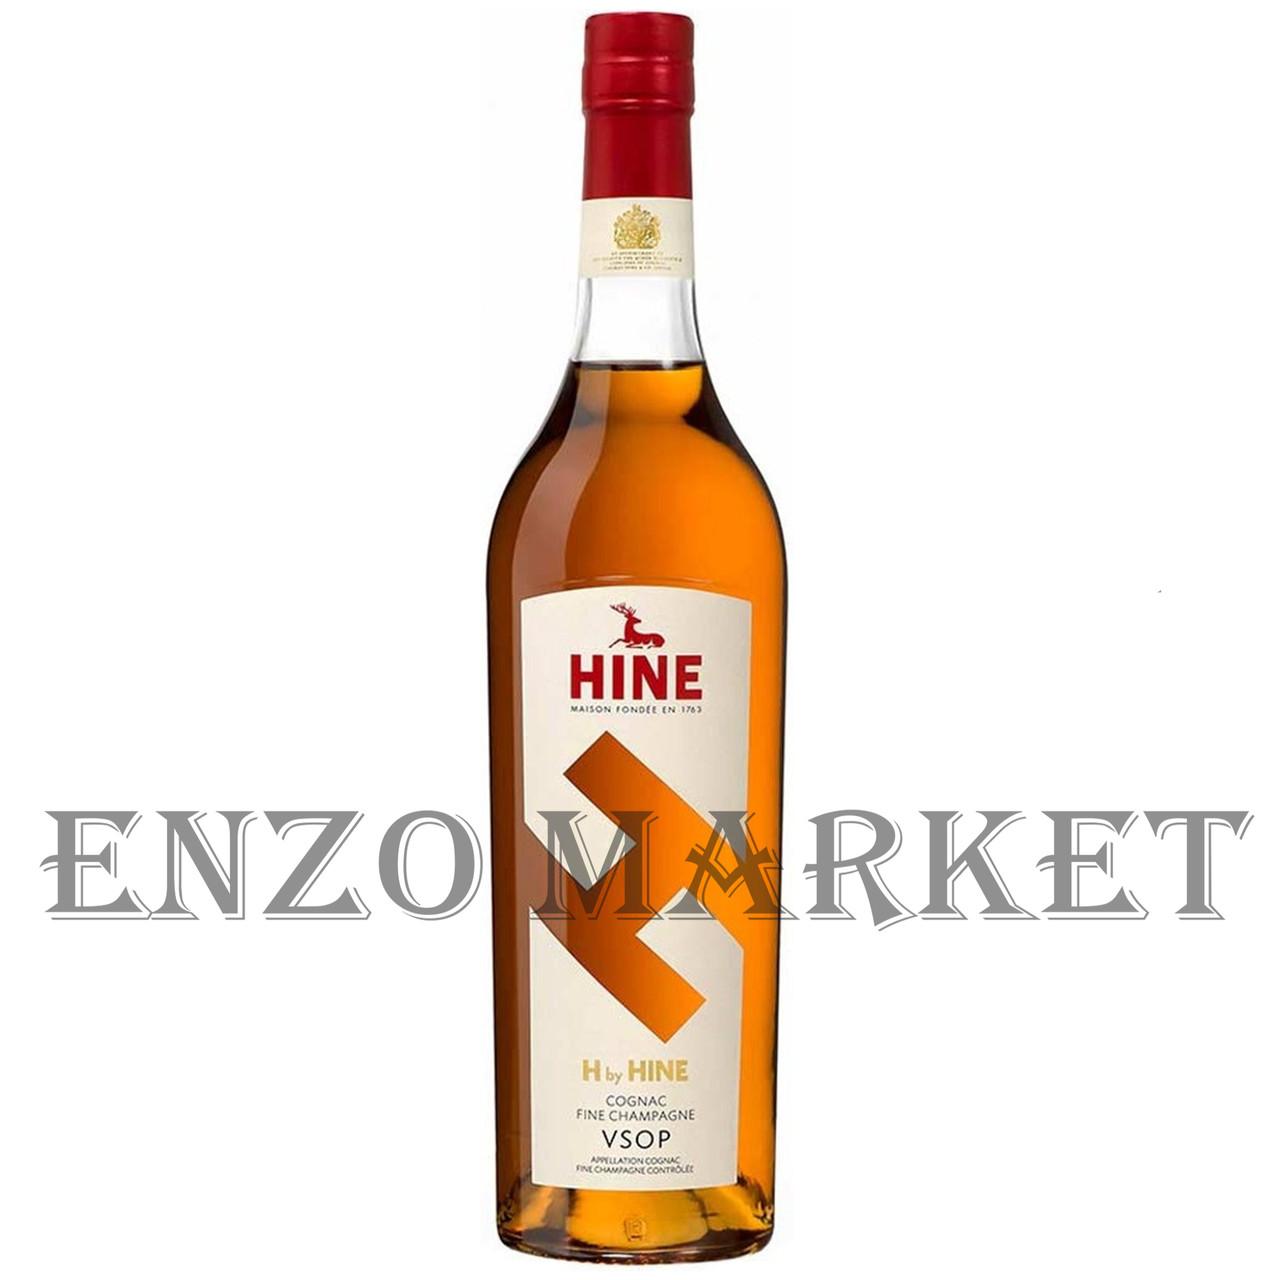 Коньяк Hine by Hine VSOP (Хайн бай Хайн ВСОП) 40%, 1 литр